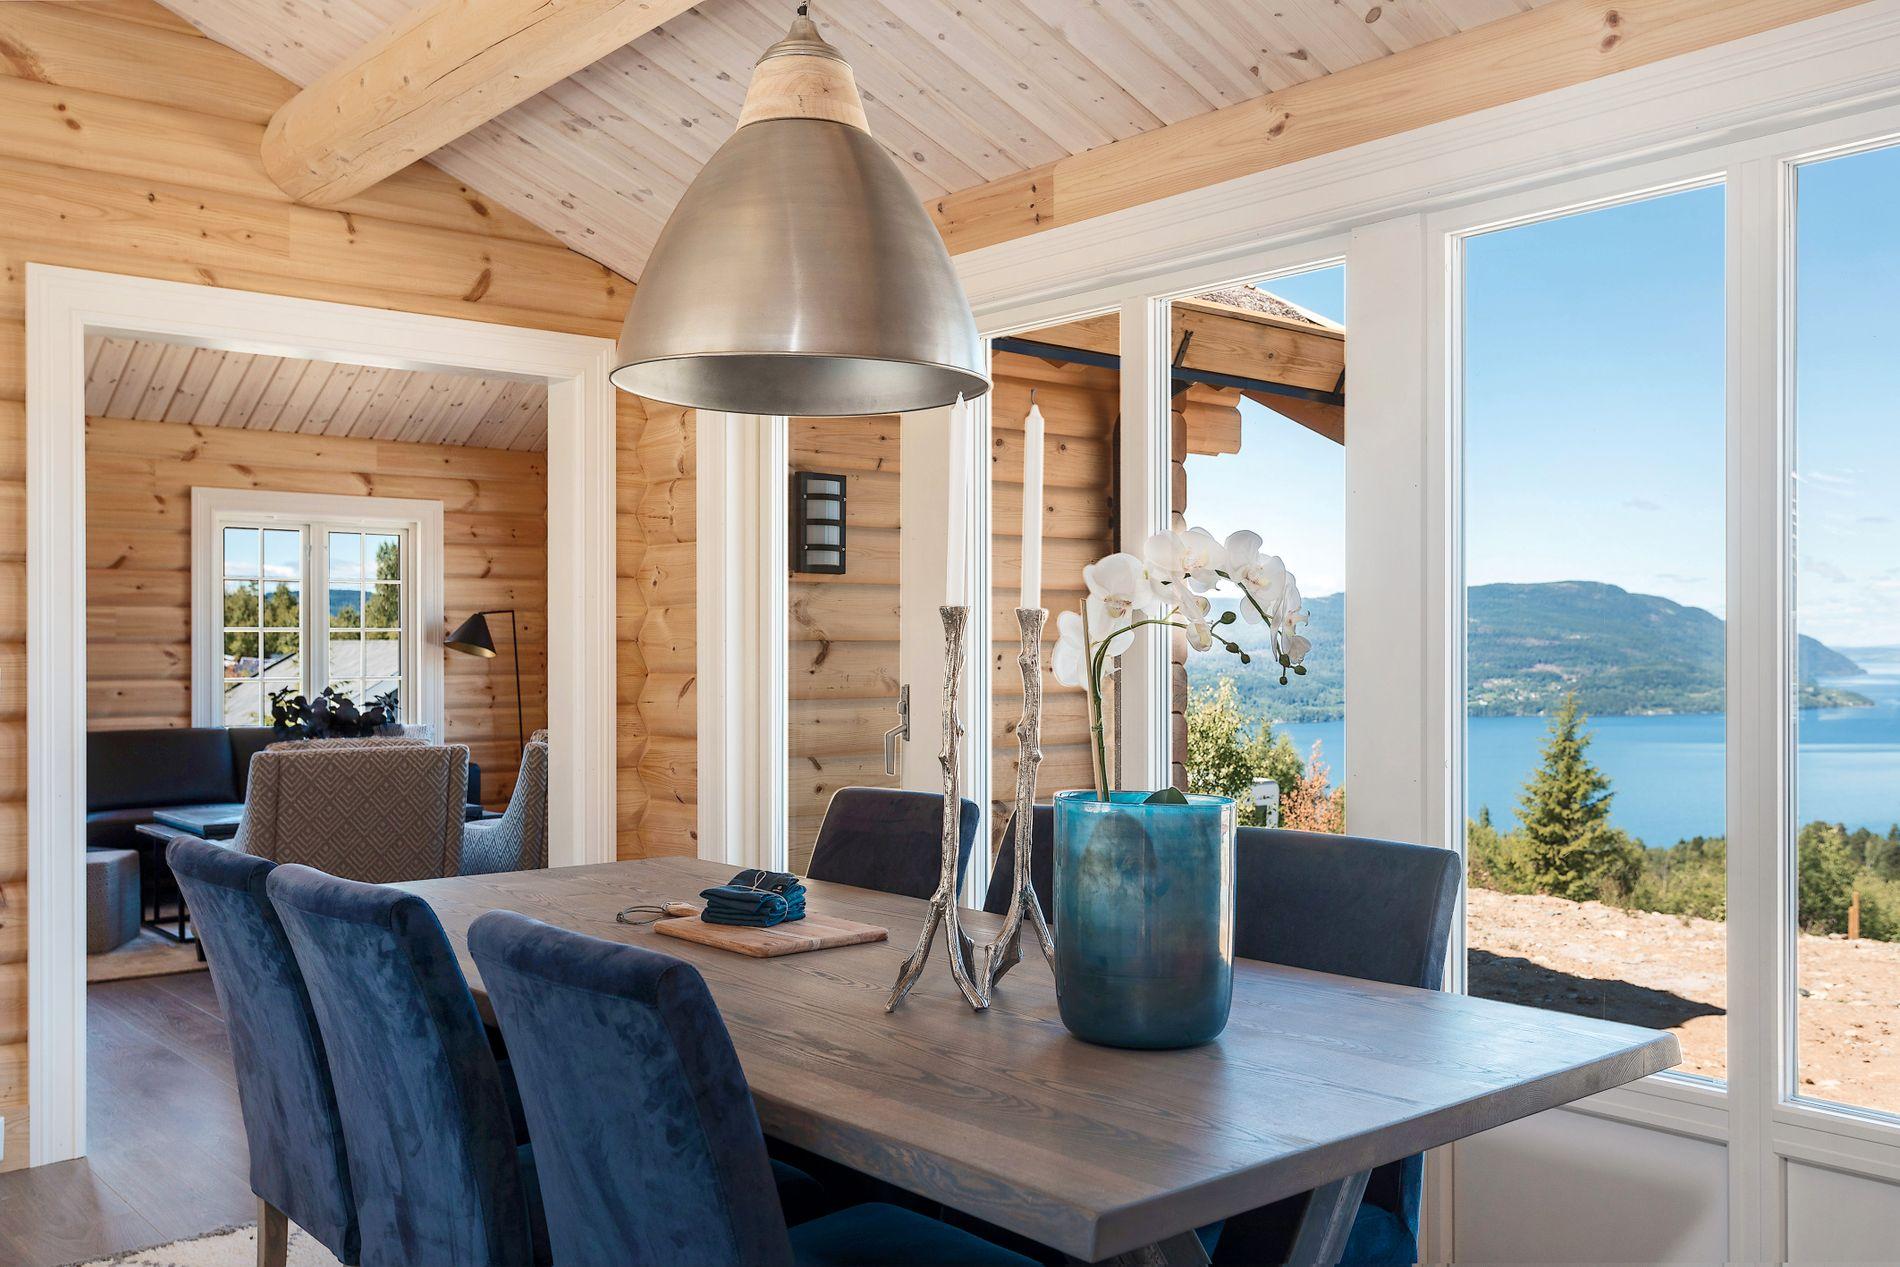 LYST OG TRIVELIG: Alle Mjøsli-hyttene har mye lys og utsikt, samtidig som byggestilen er klassisk og koselig. Denne hytta er fra Øverbygg AS.